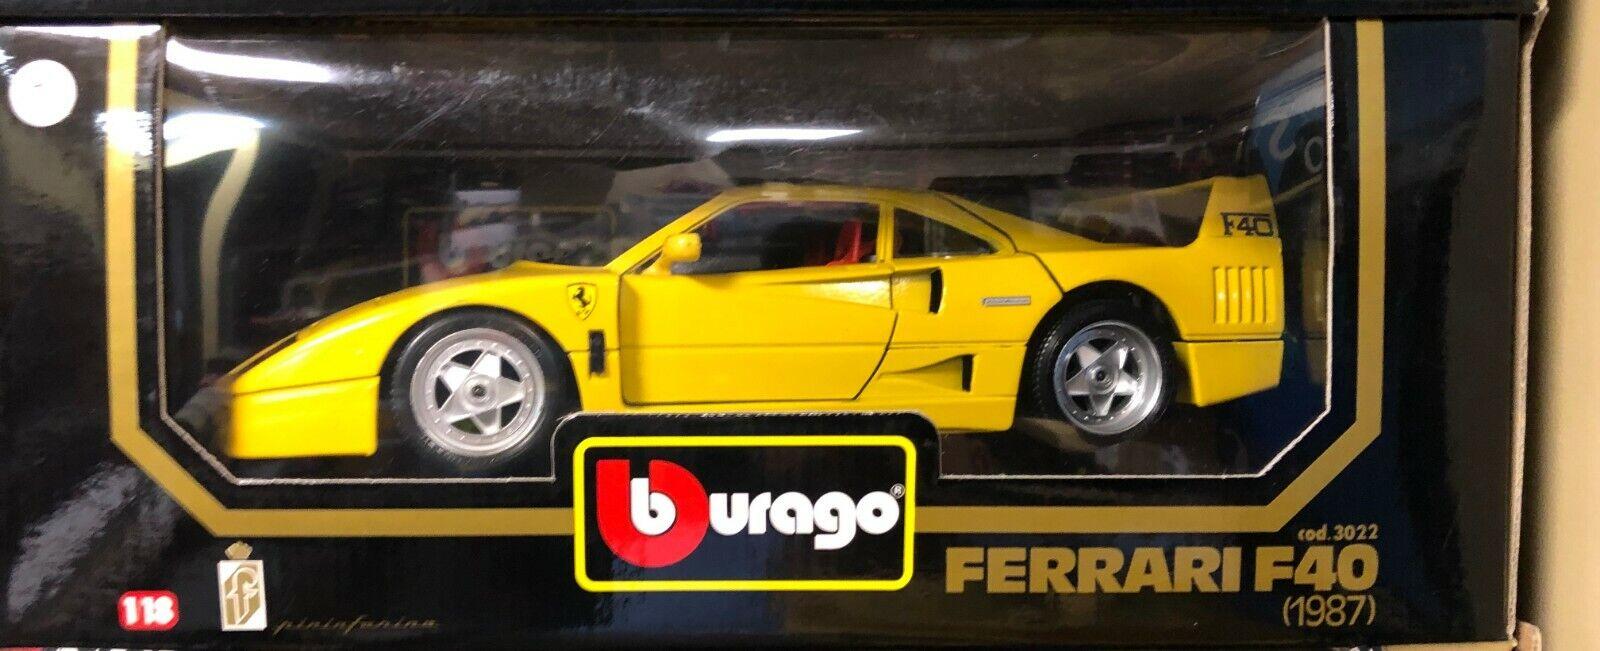 Ferrari F40 GIALLO MODENA giallo 1 18 por Burago 3022 Raro Nuevo En Caja